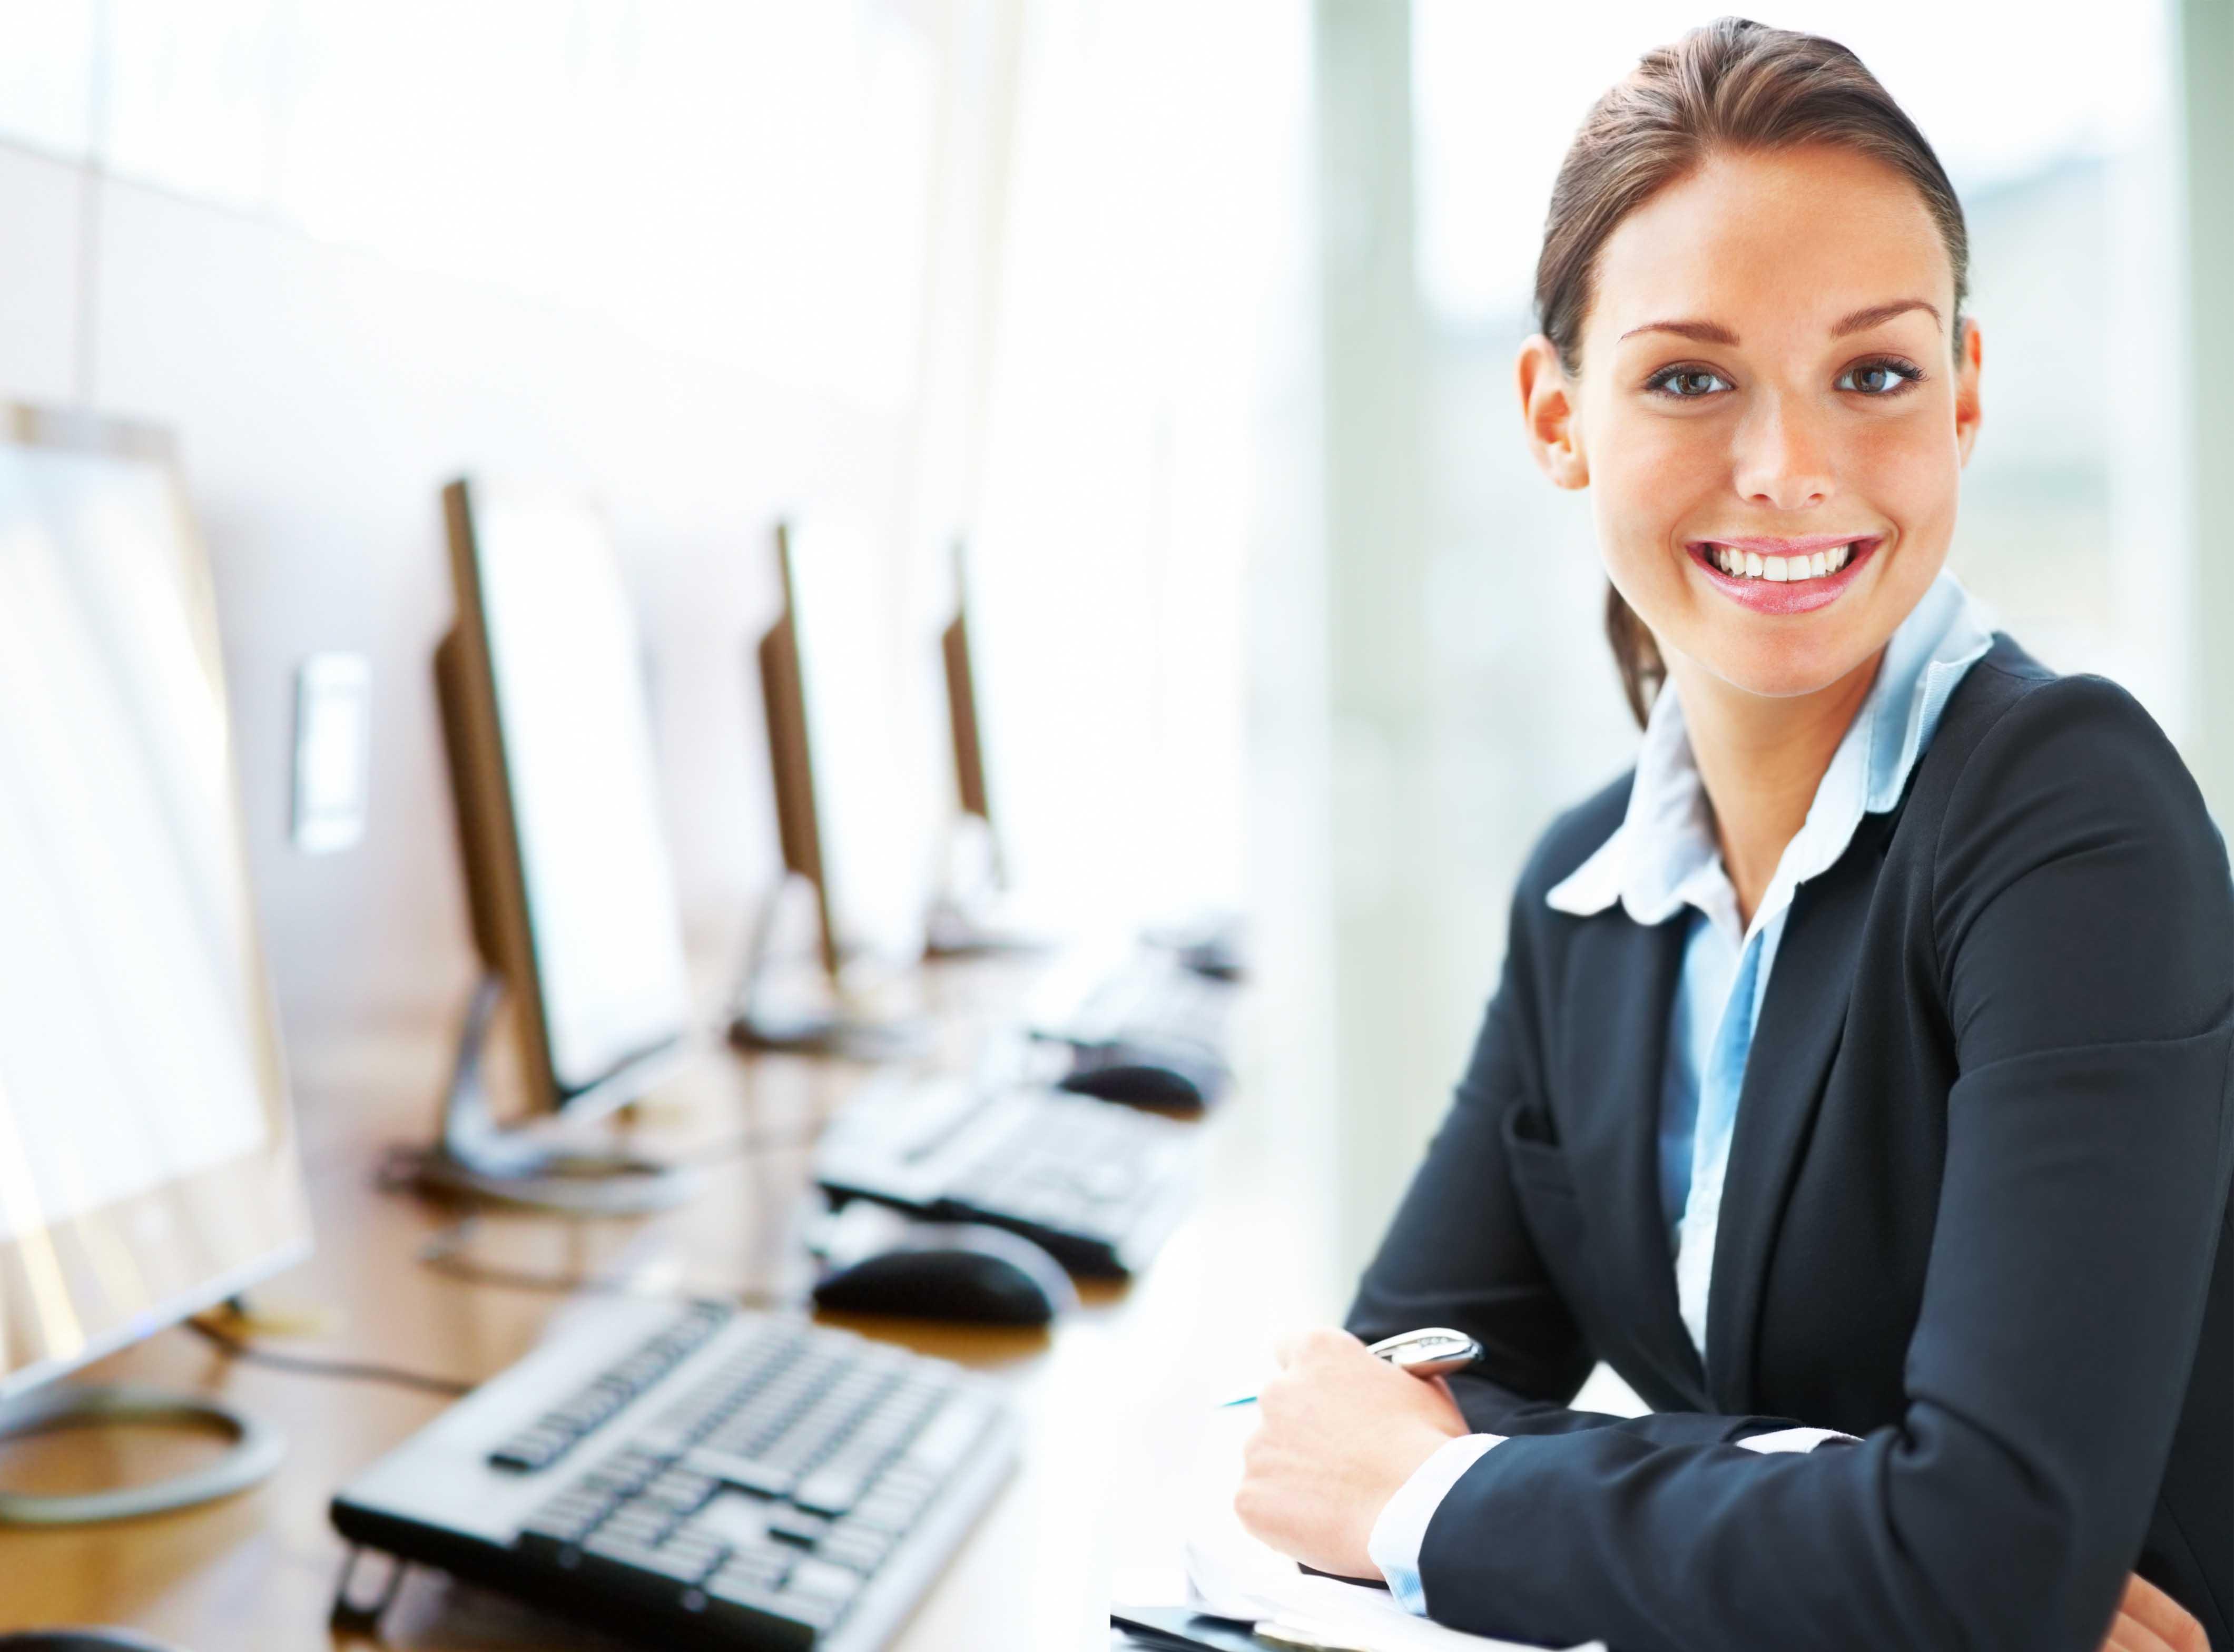 Бухгалтером главным дистанционное работа работа на дому бухгалтером вакансии иркутск